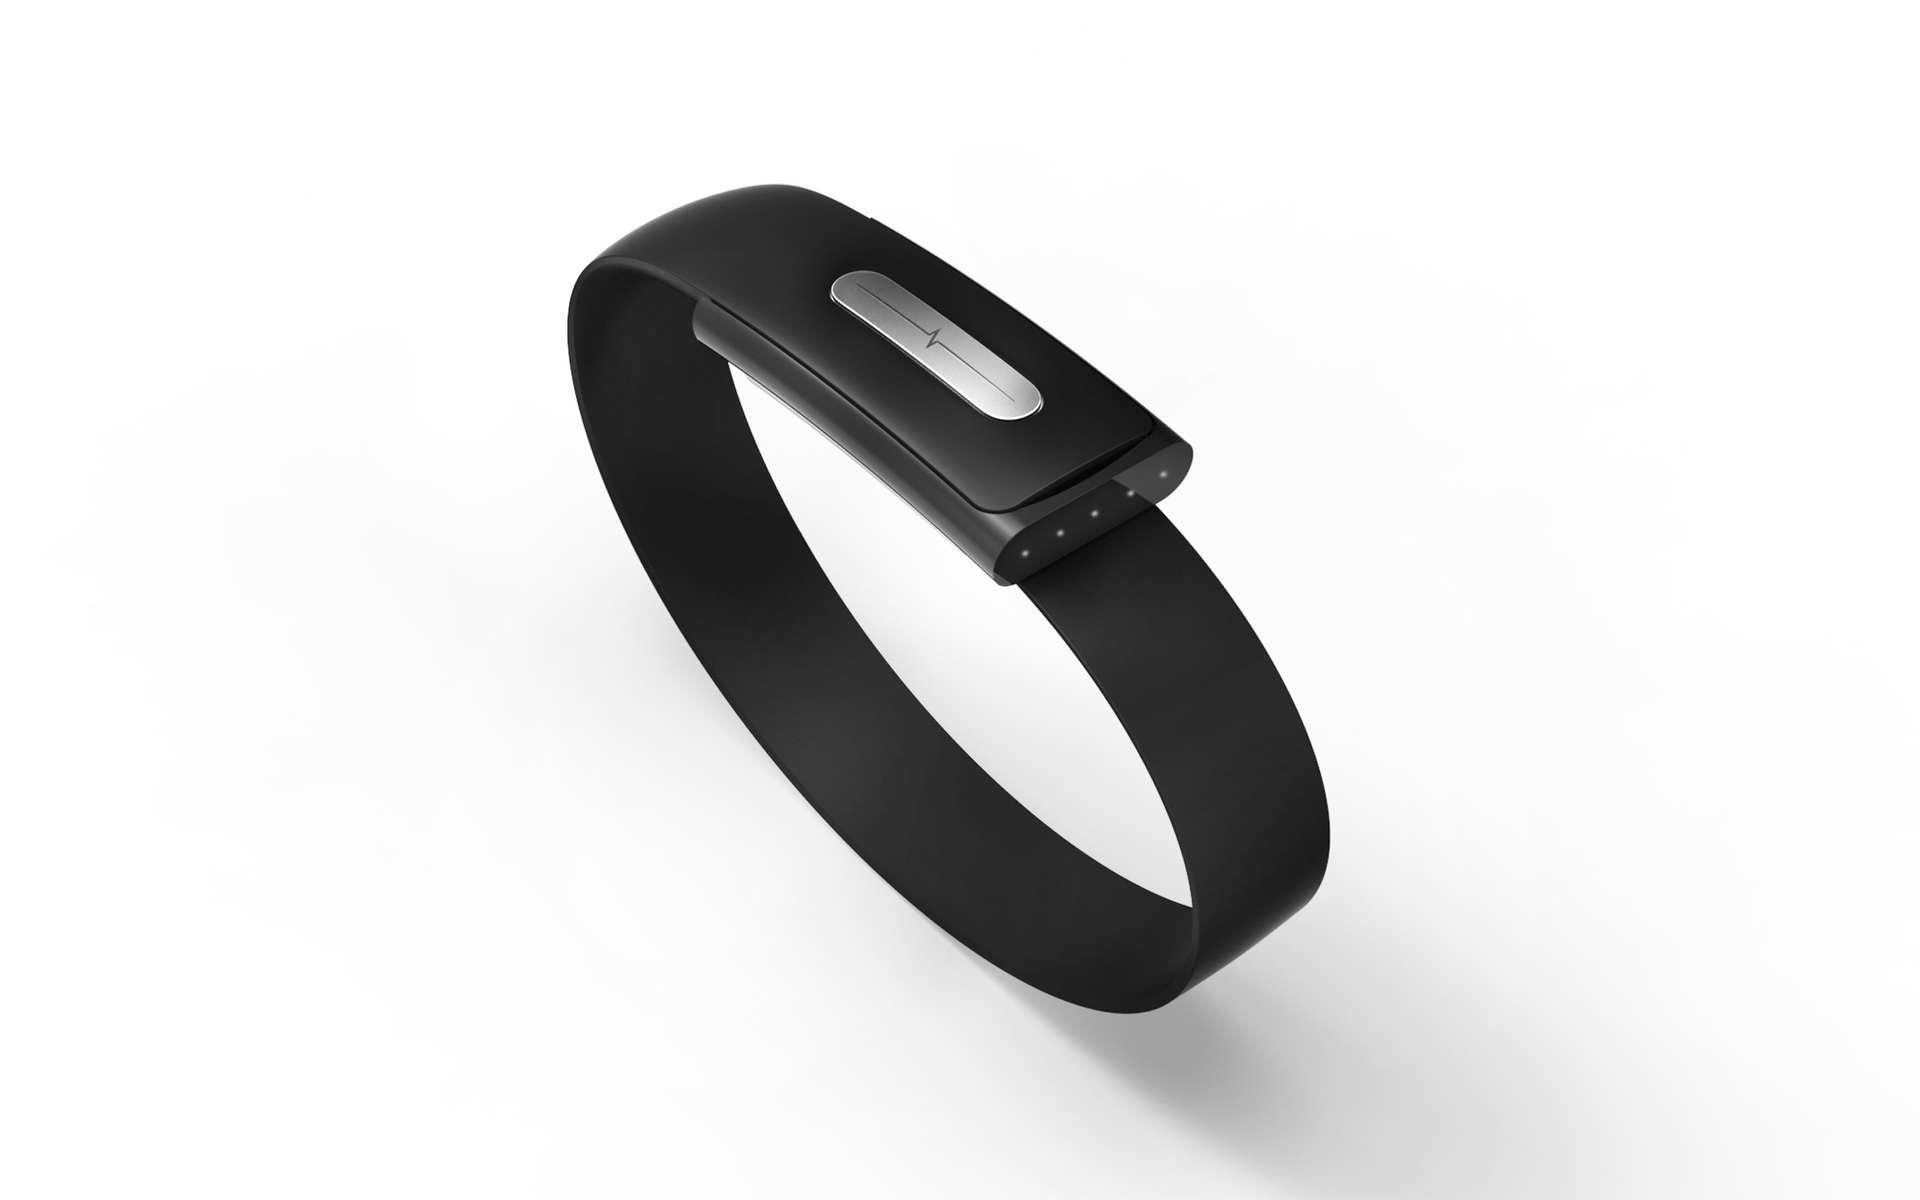 Le bracelet Nymi intègre deux électrodes, l'une placée à l'intérieur en contact avec le poignet et l'autre sur la boucle de fermeture. Pour activer la reconnaissance biométrique, l'utilisateur doit placer son index sur l'électrode afin de créer un circuit qui déclenche l'électrocardiogramme, comparé à l'original enregistré lors de la mise en service du bracelet. © Bionym